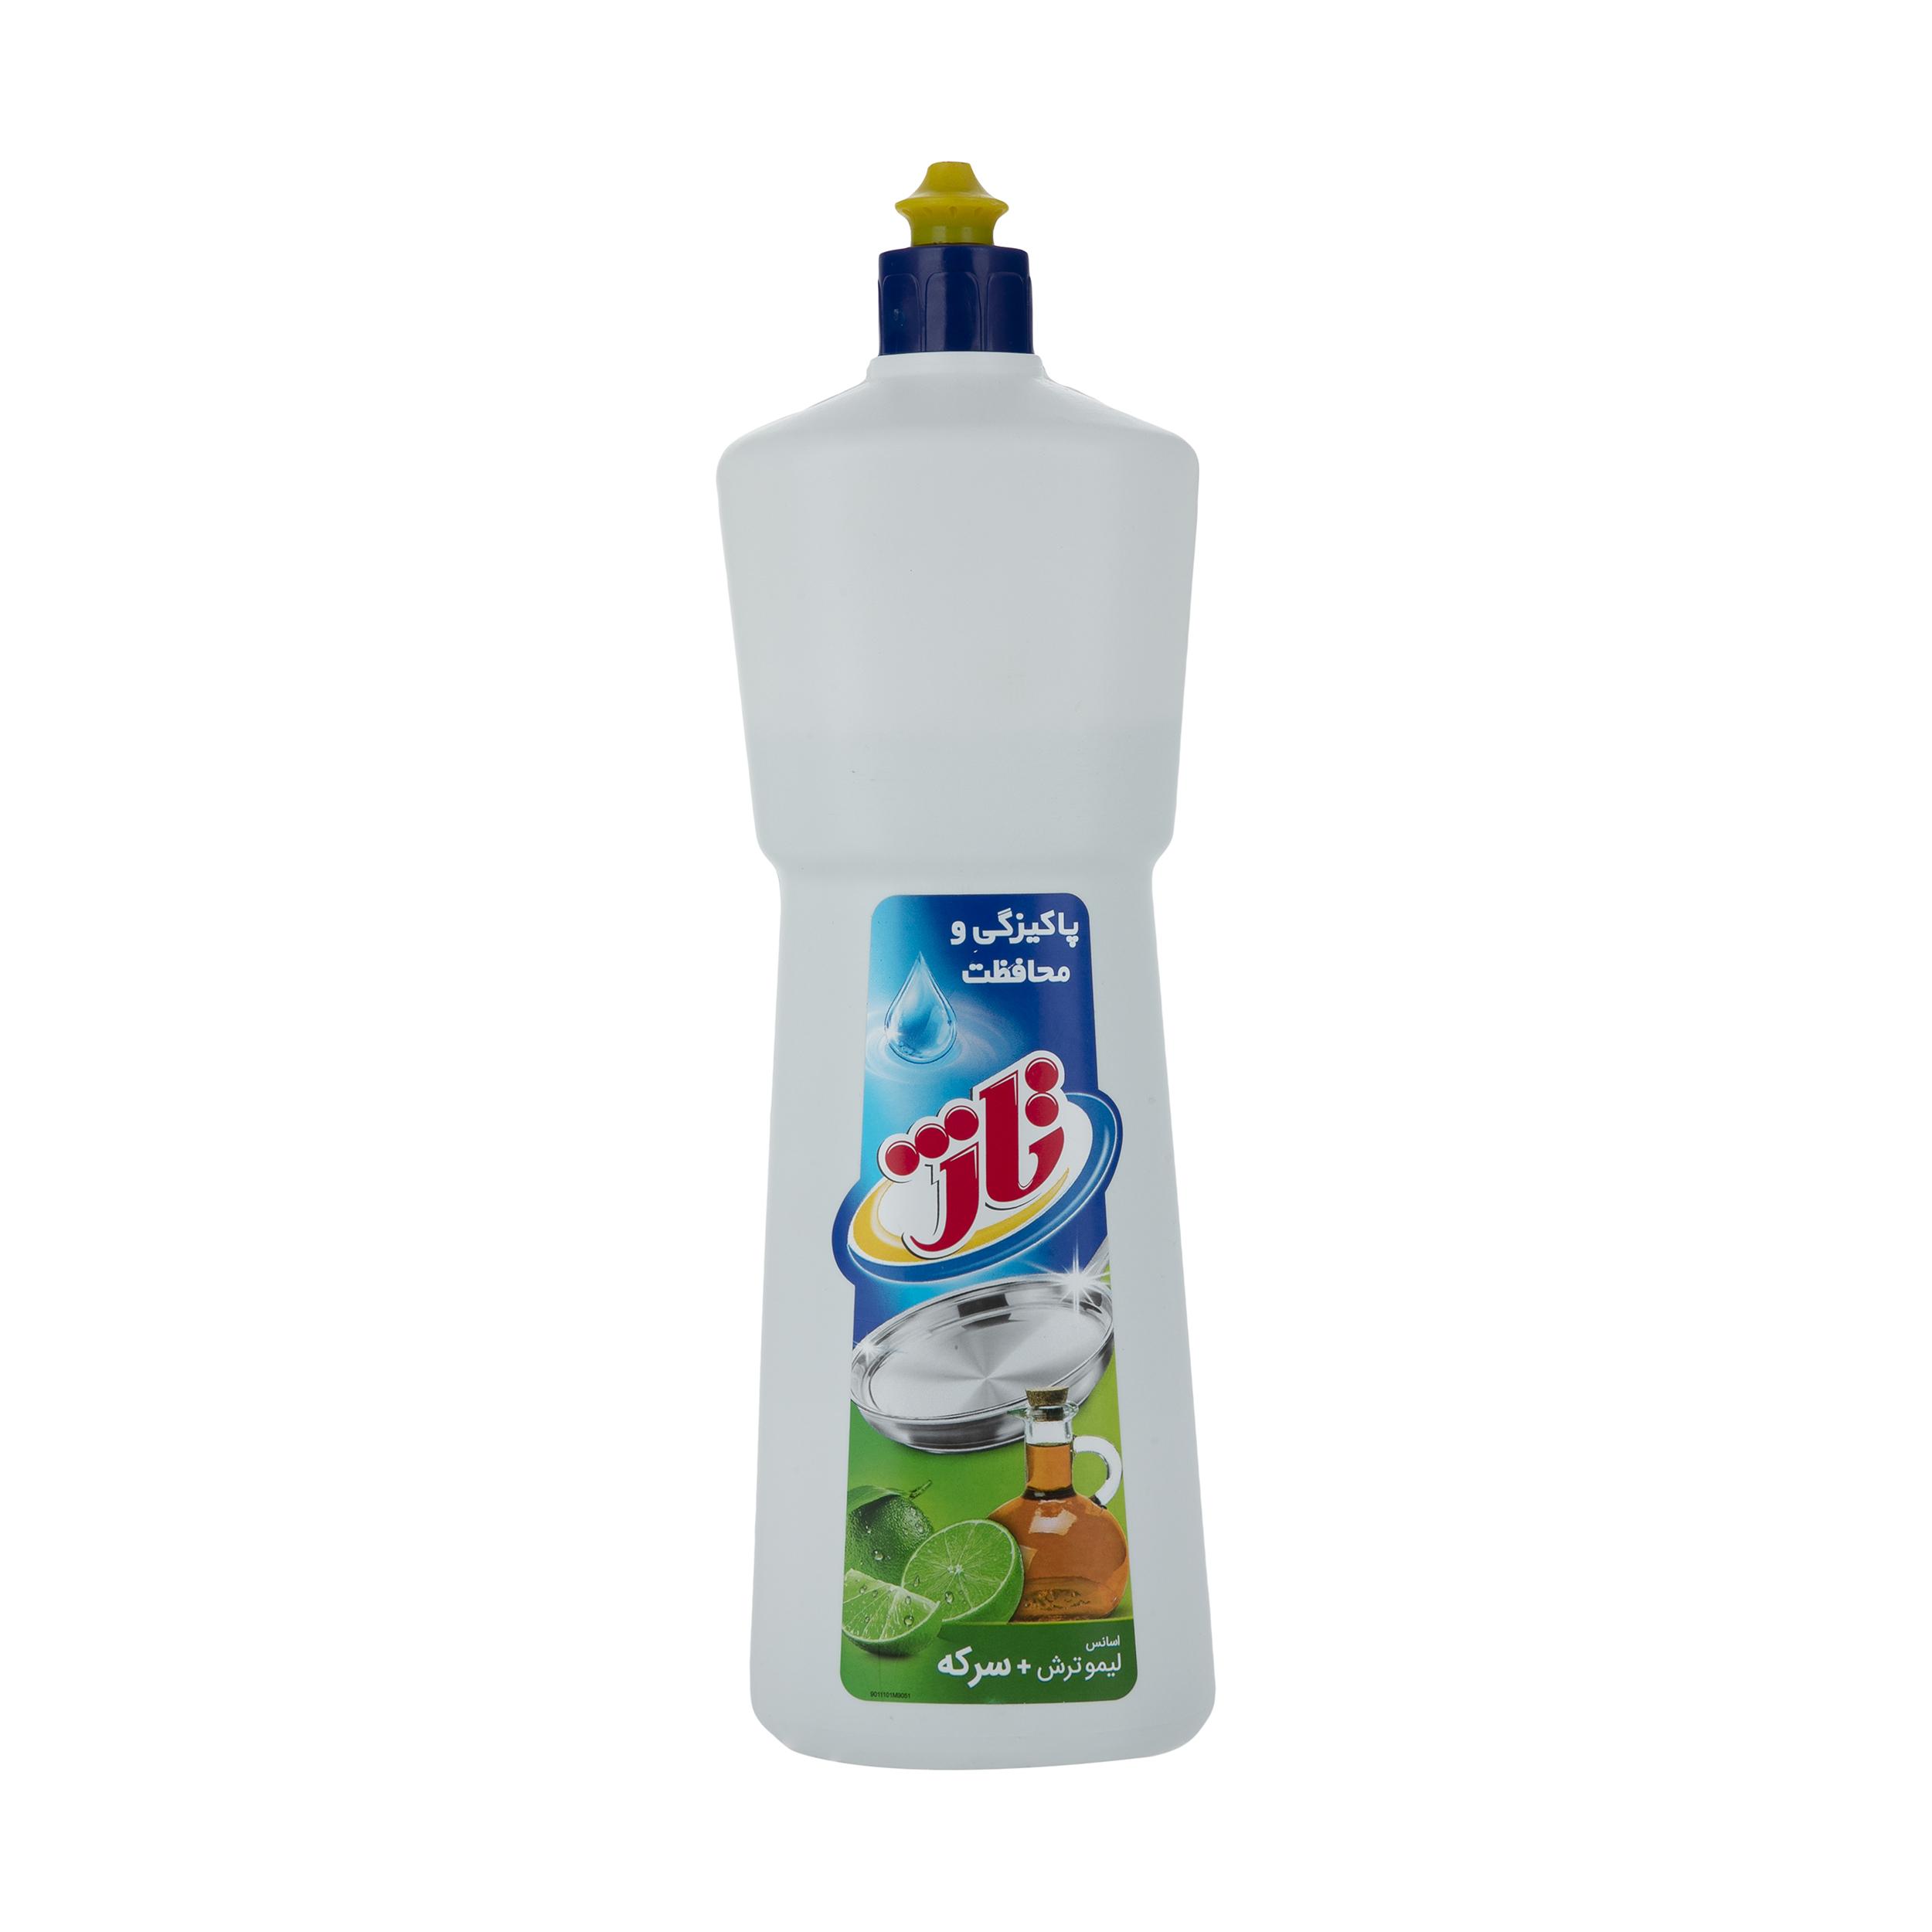 مایع ظرفشویی تاژ حاوی سرکه با رایحه لیمو سبز مقدار 1 کیلوگرم